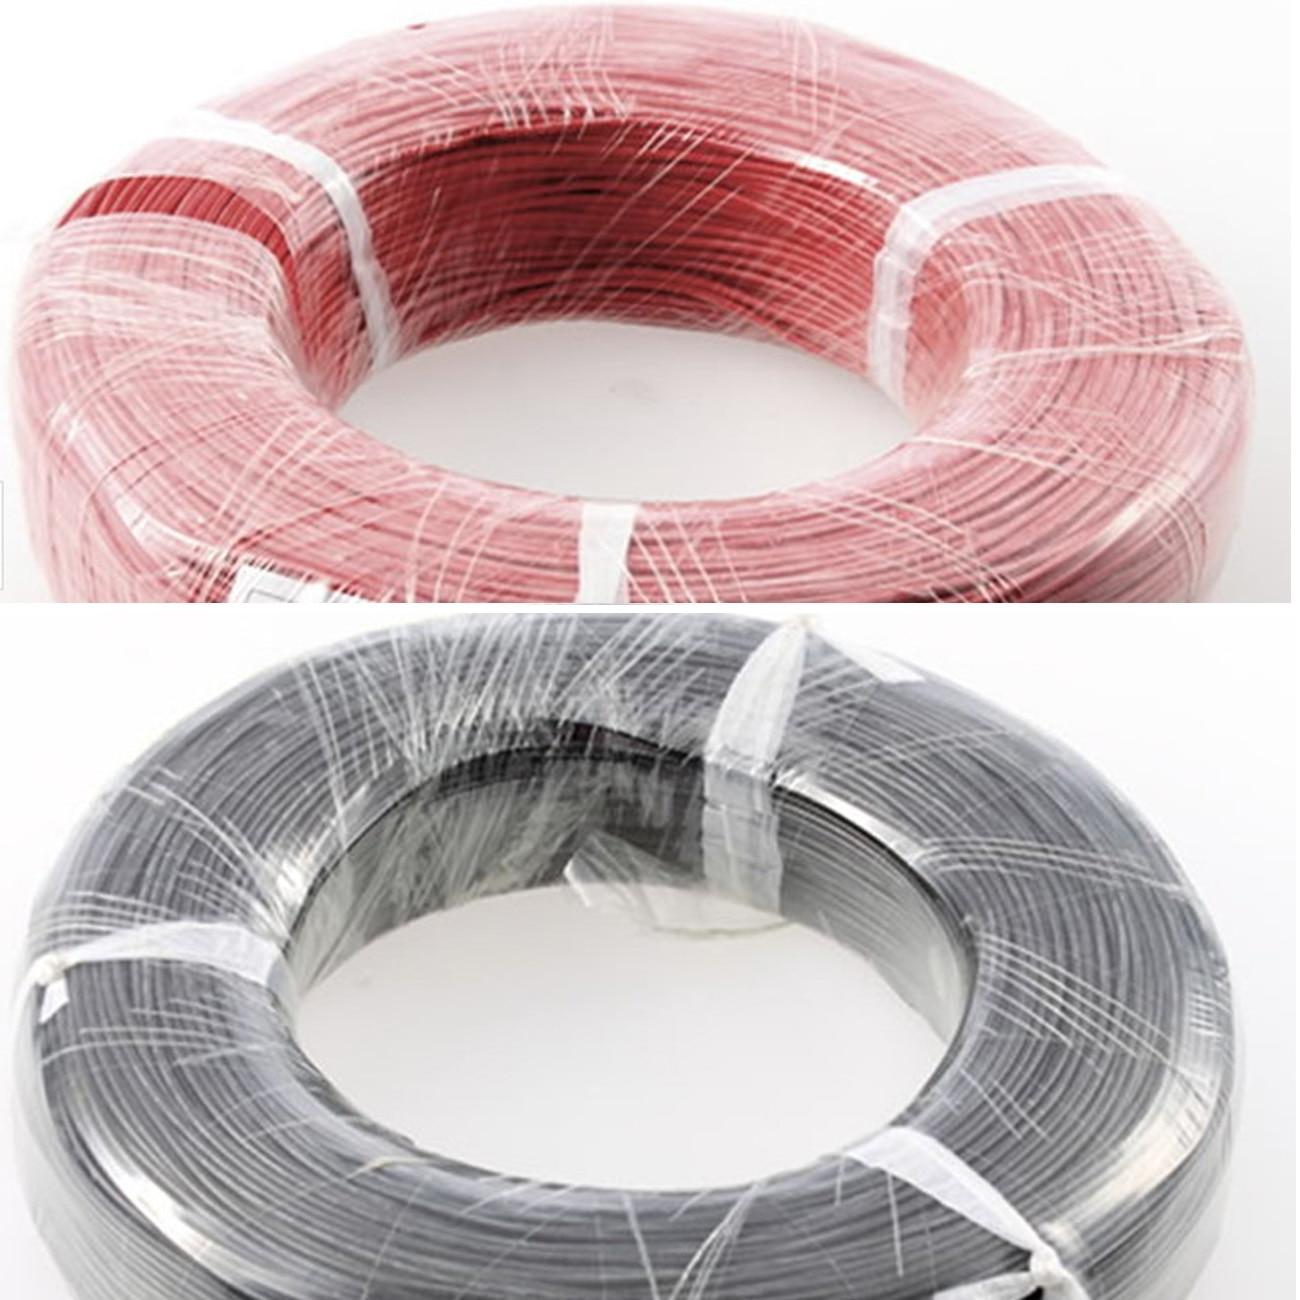 12AWG 5 m/10 m/20 m Gauge Silicone Fil Souple Brin Câbles En Cuivre pour RC Nouveau